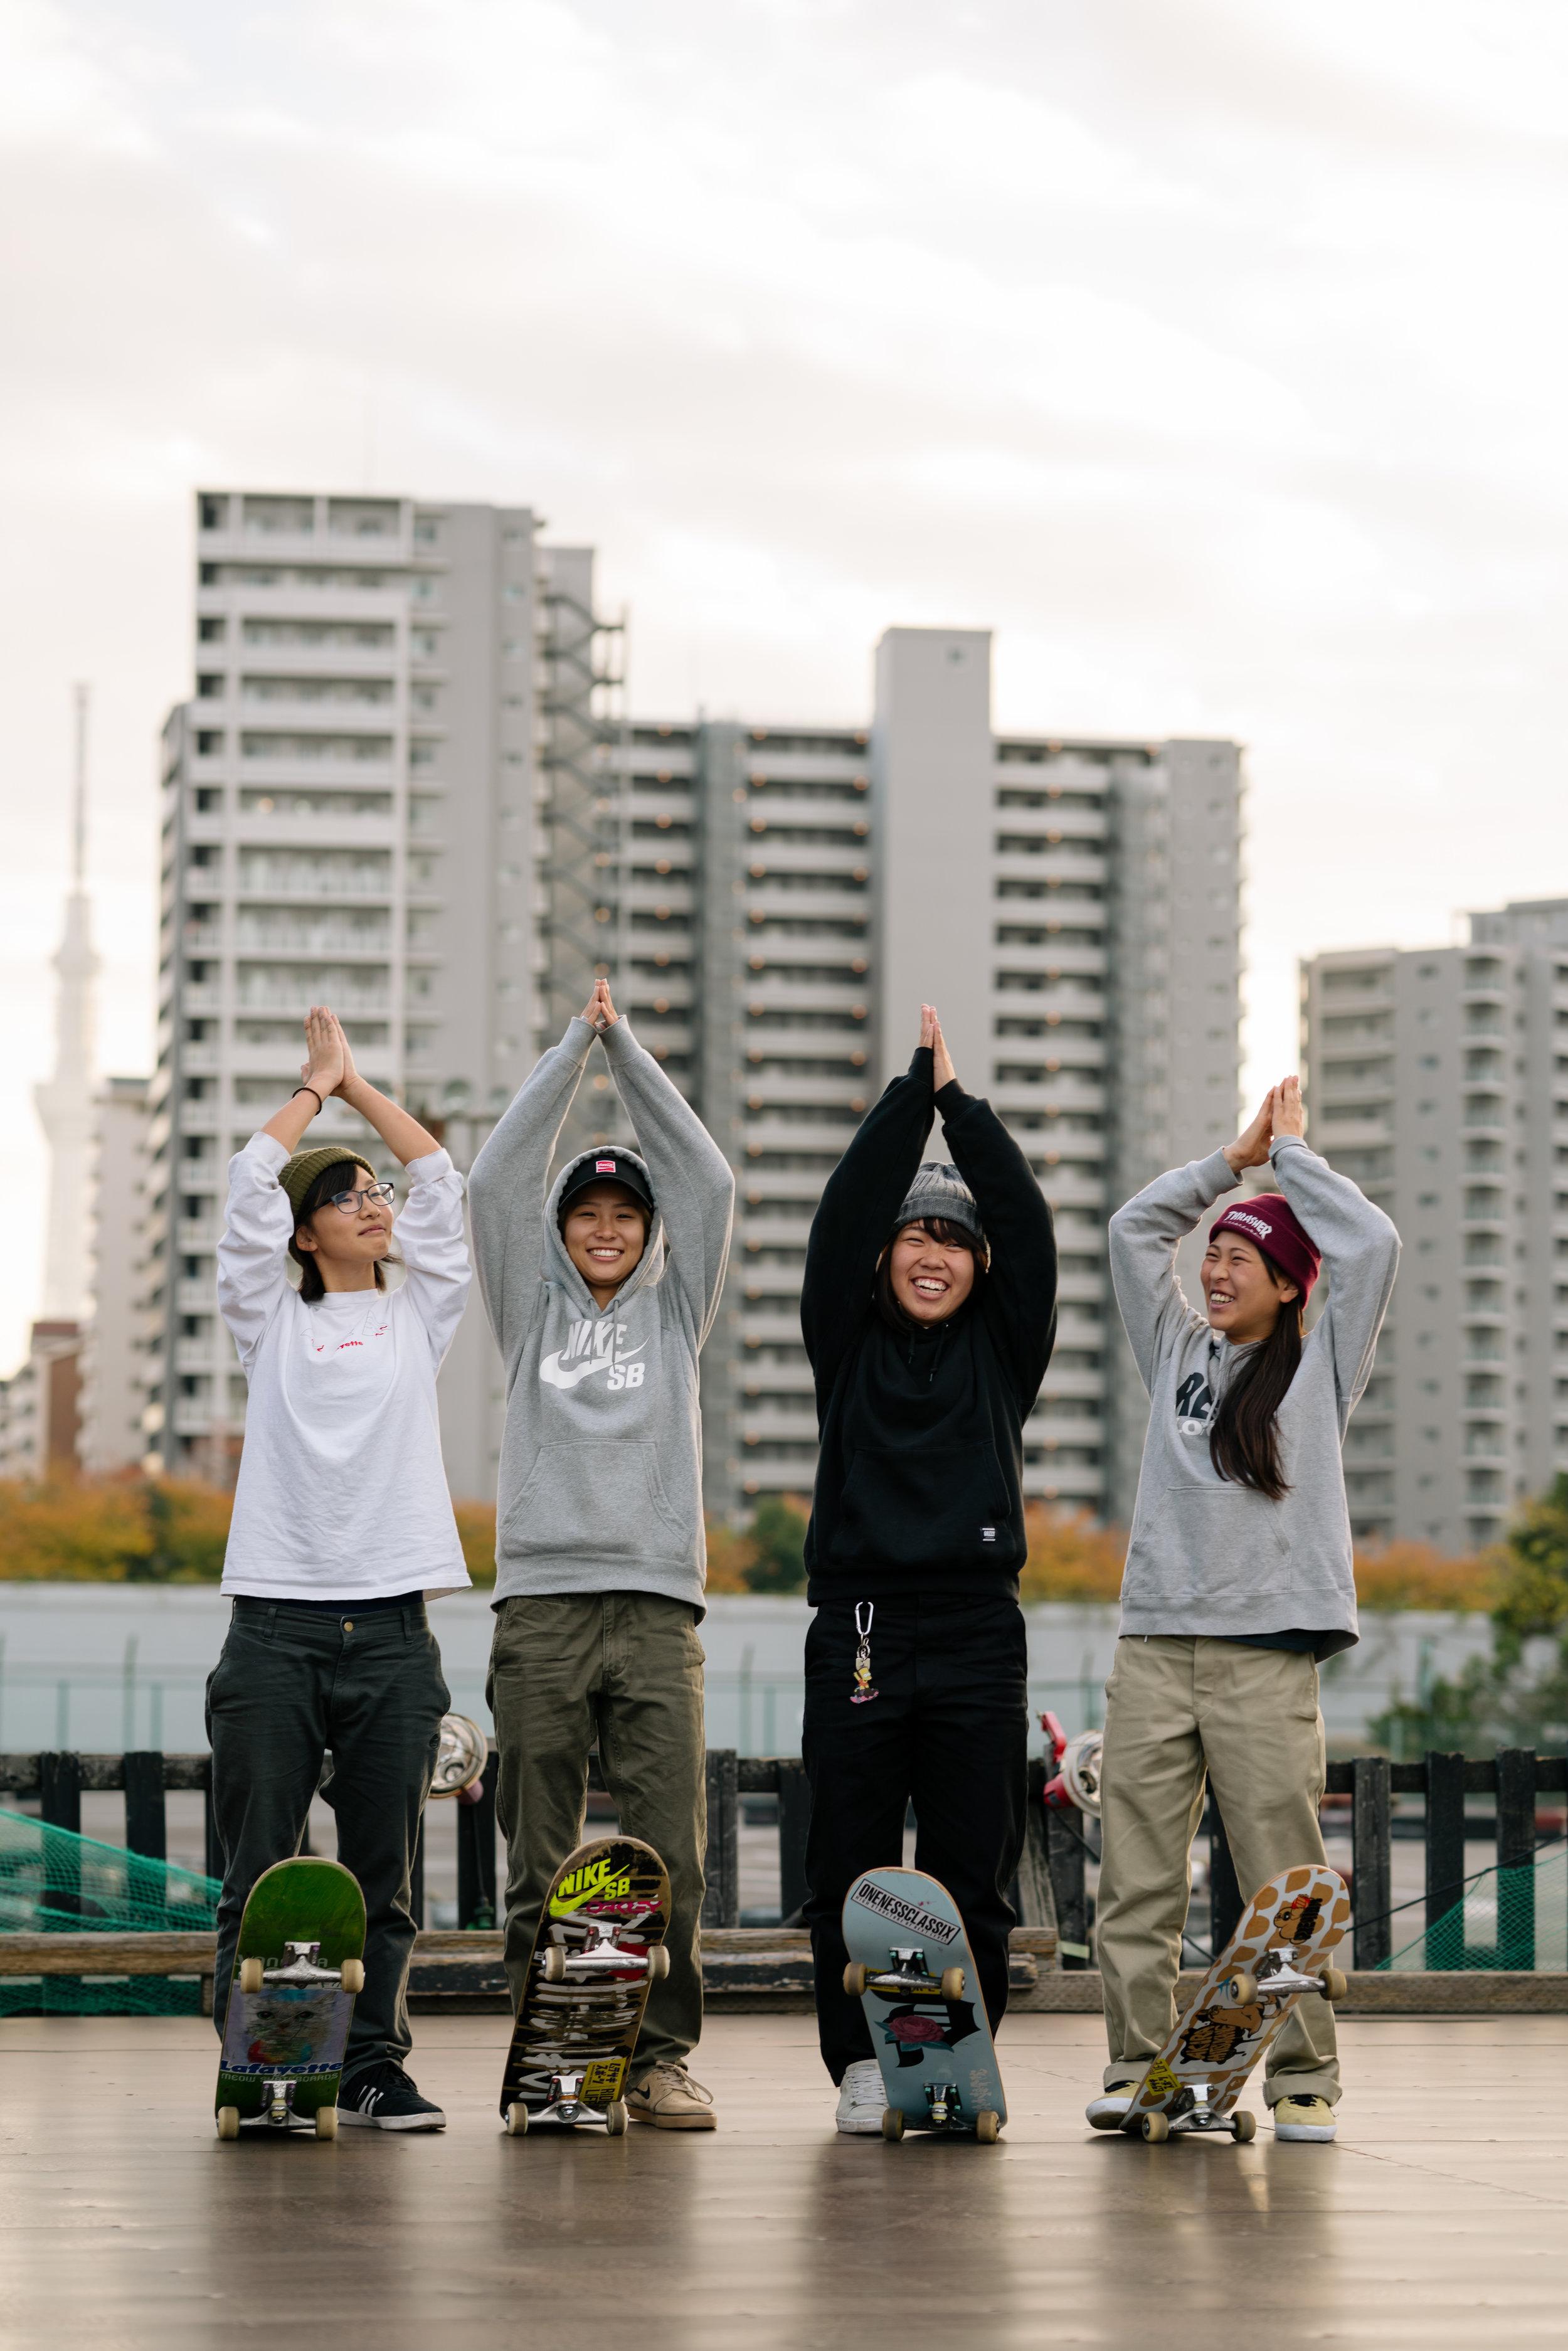 Skate Exchange2_Japan 2018_hannah bailey00000002.jpg